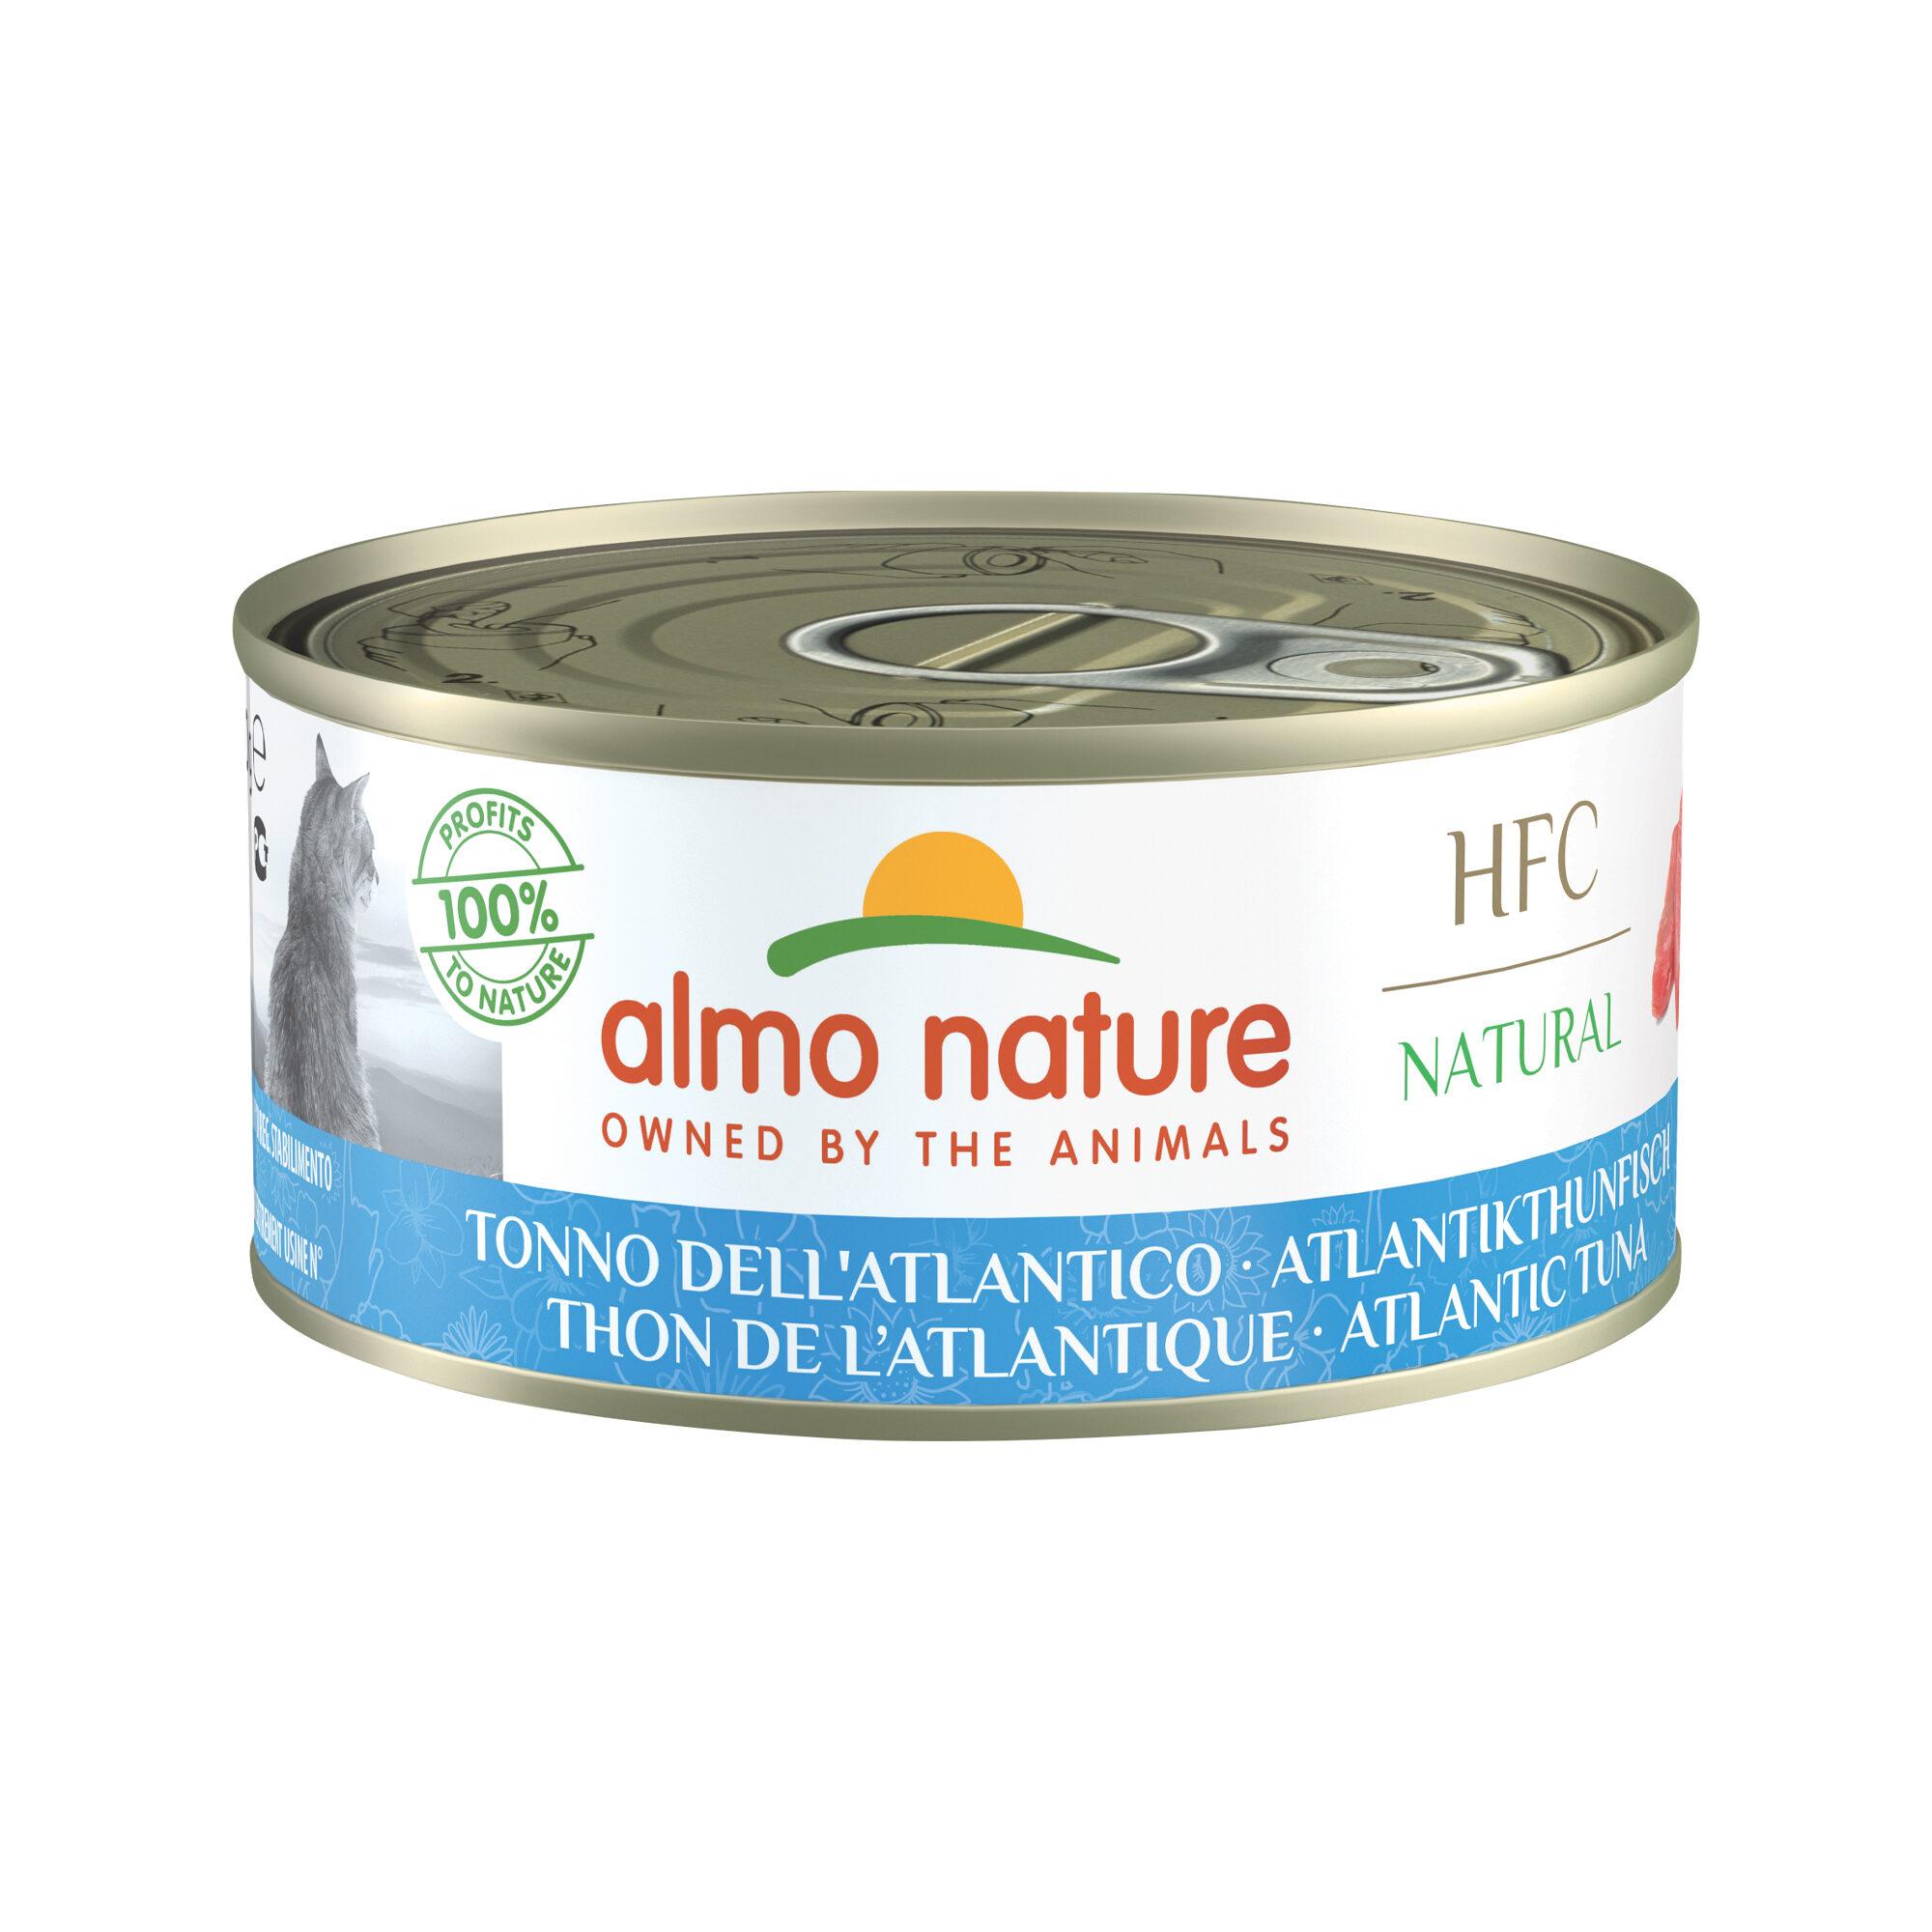 Almo Nature HFC Natural - Thon de l'Atlantique